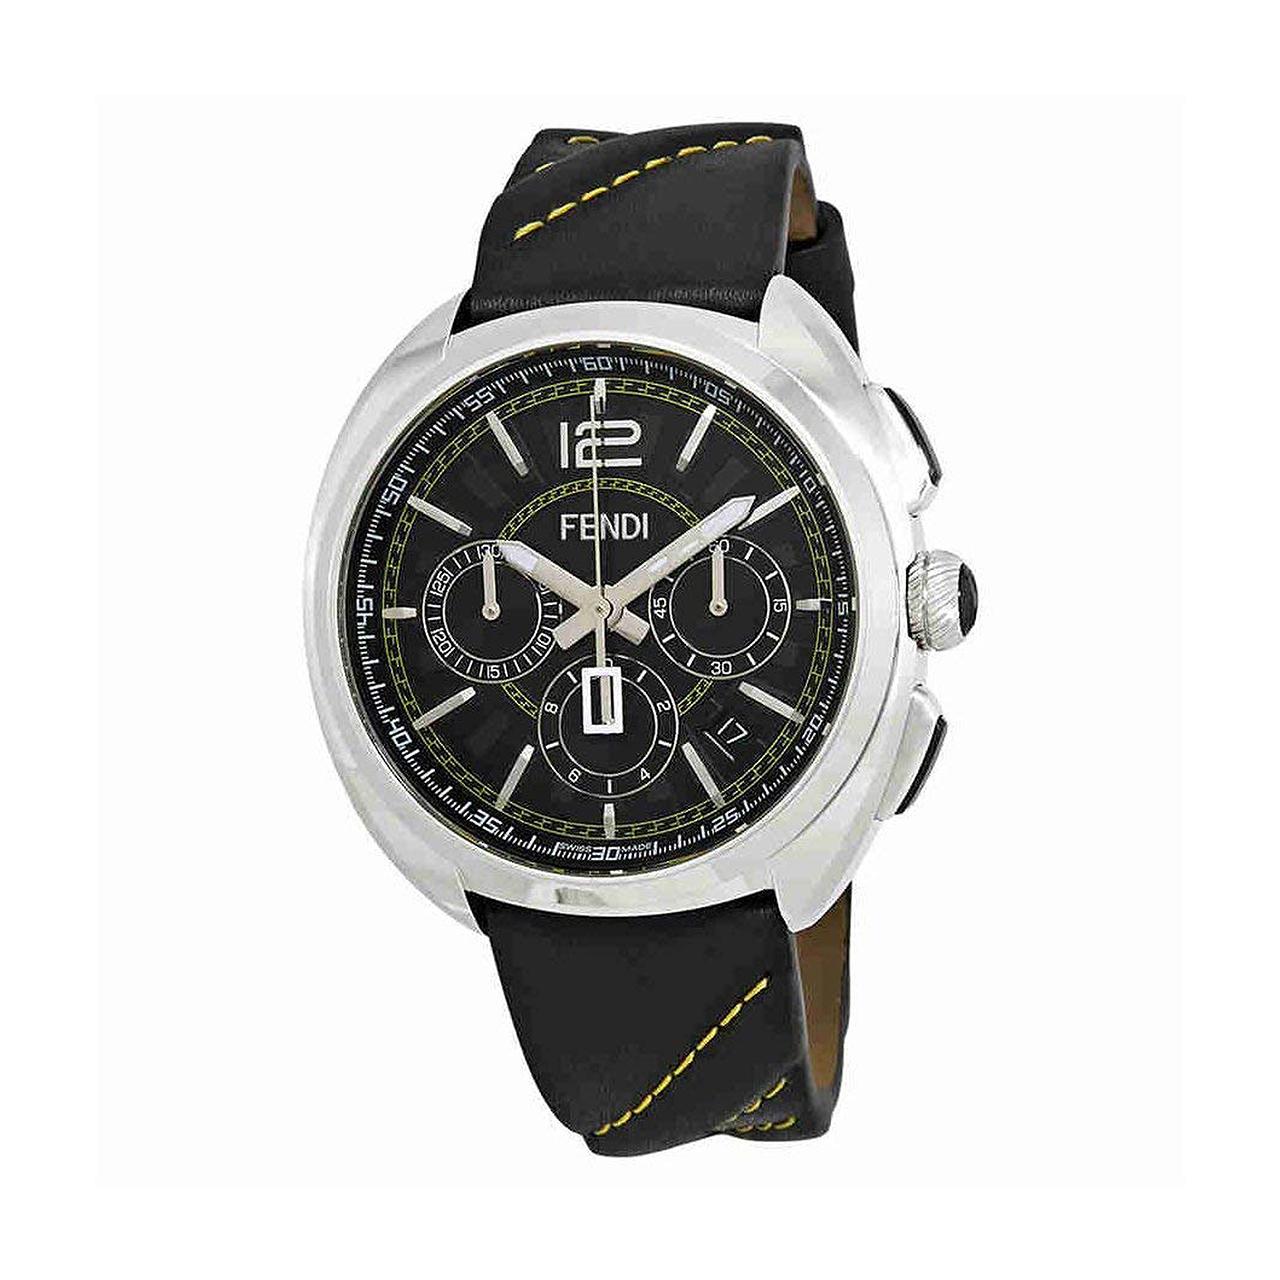 ساعت مچی عقربه ای مردانه فندی مدل F230011011 8